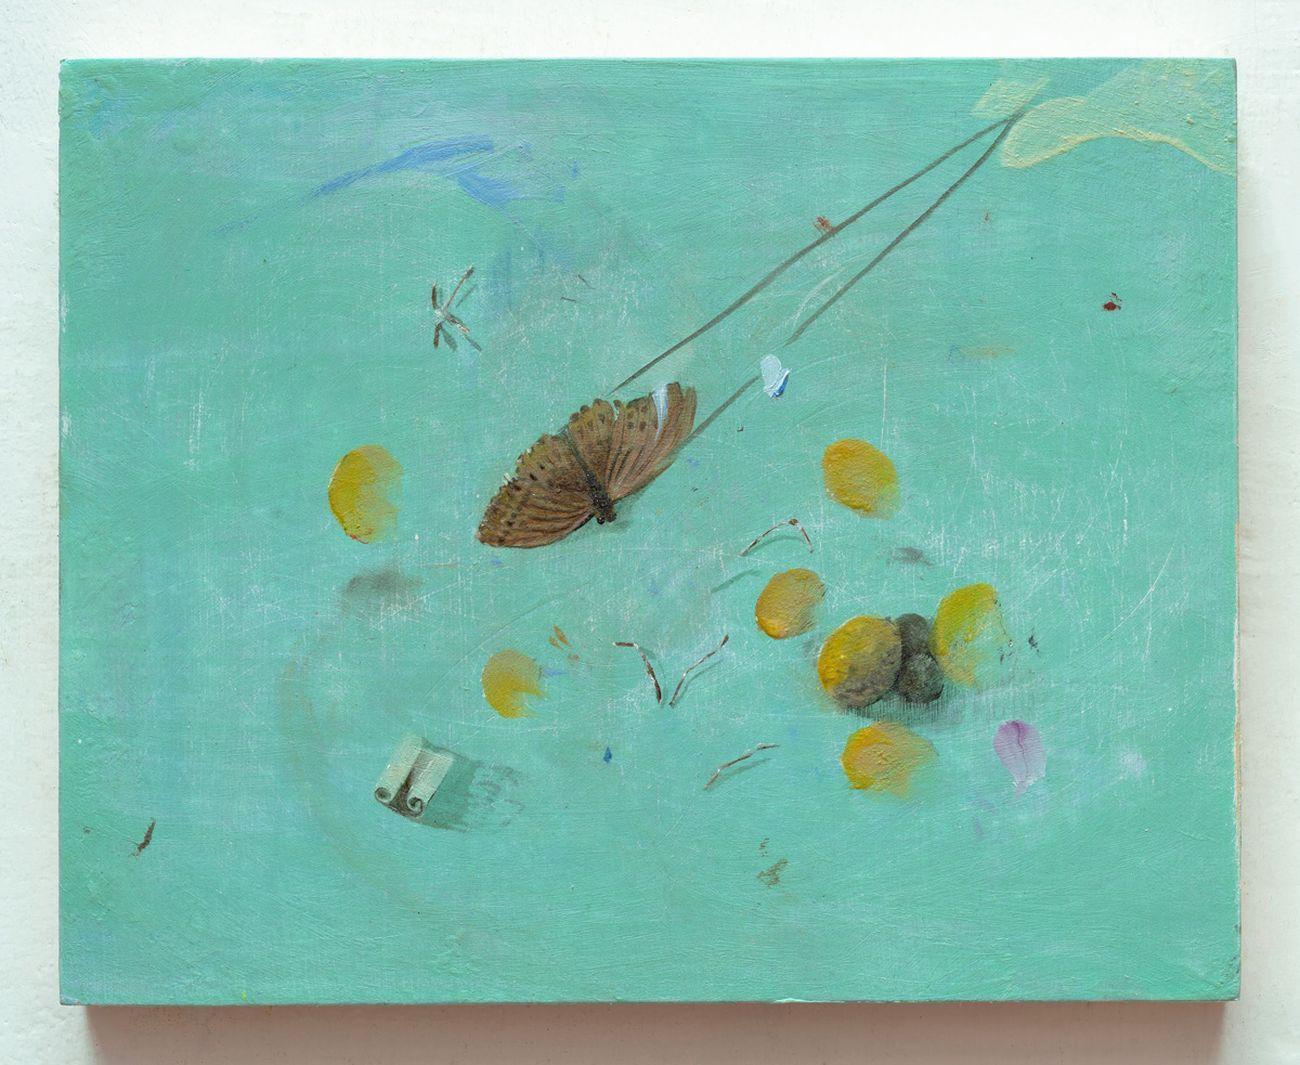 Vera Portatadino, L'Umanità non rimarrà per sempre legata alla Terra, 2018, oil and acrylic on plywood, 24 x 30 cm